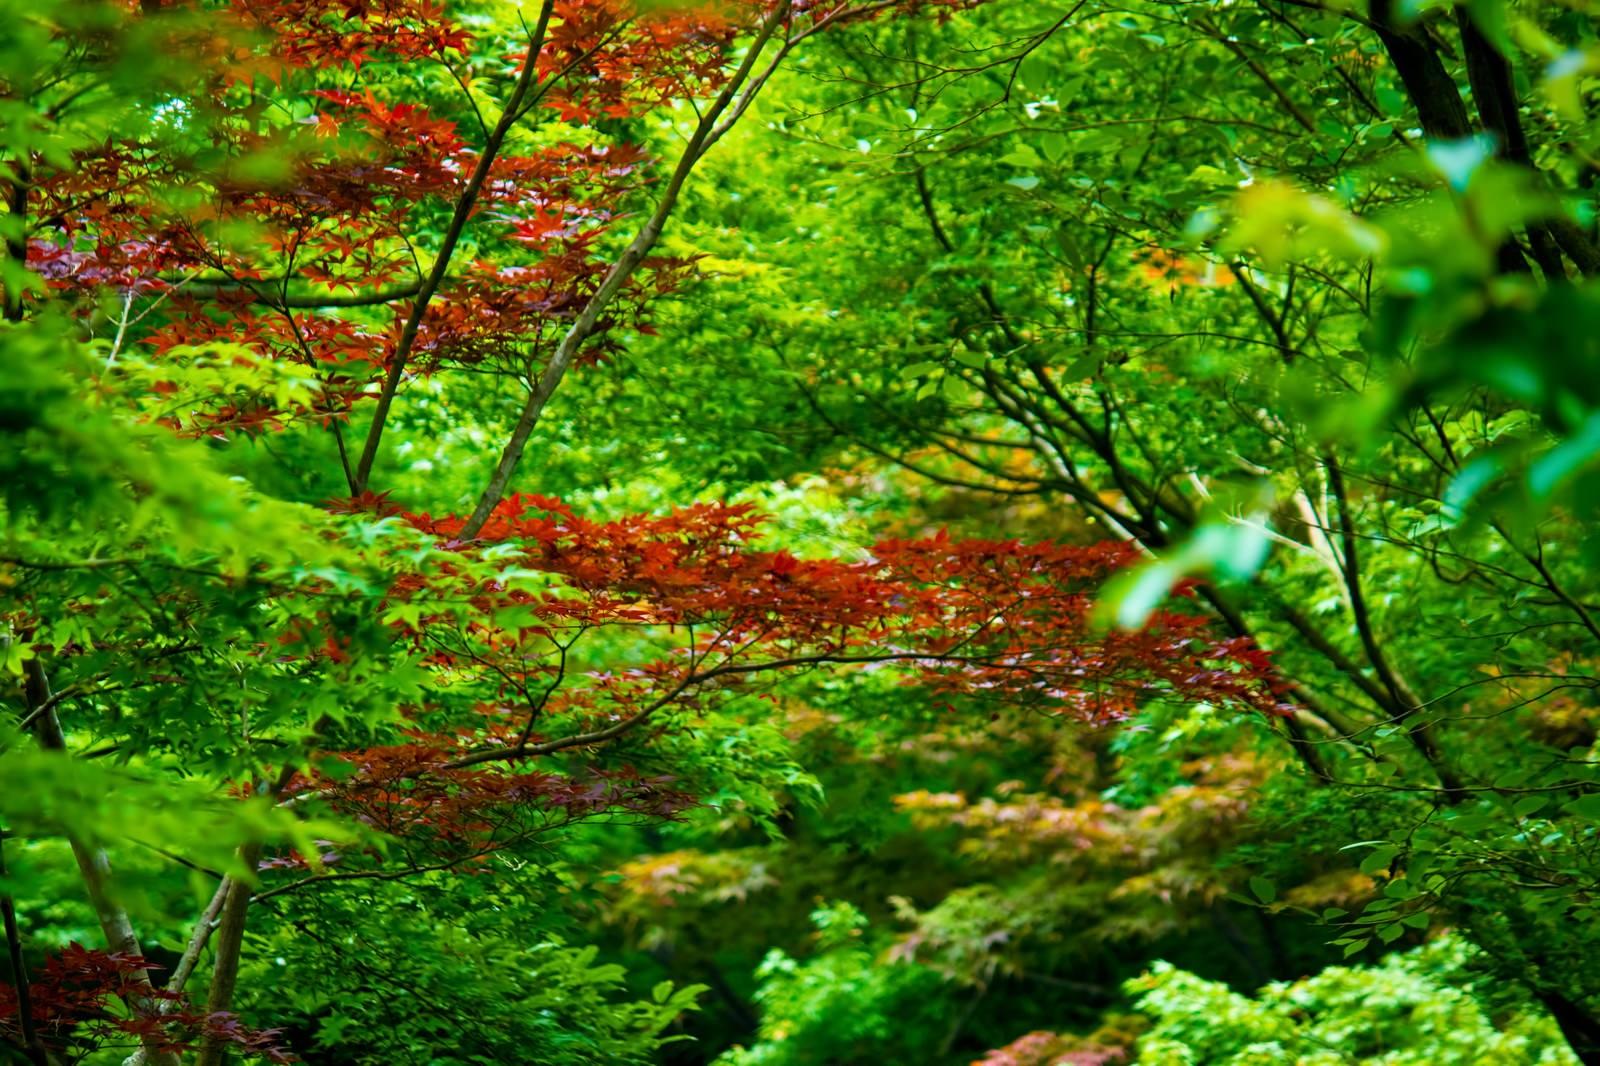 「一部が紅葉した葉」の写真